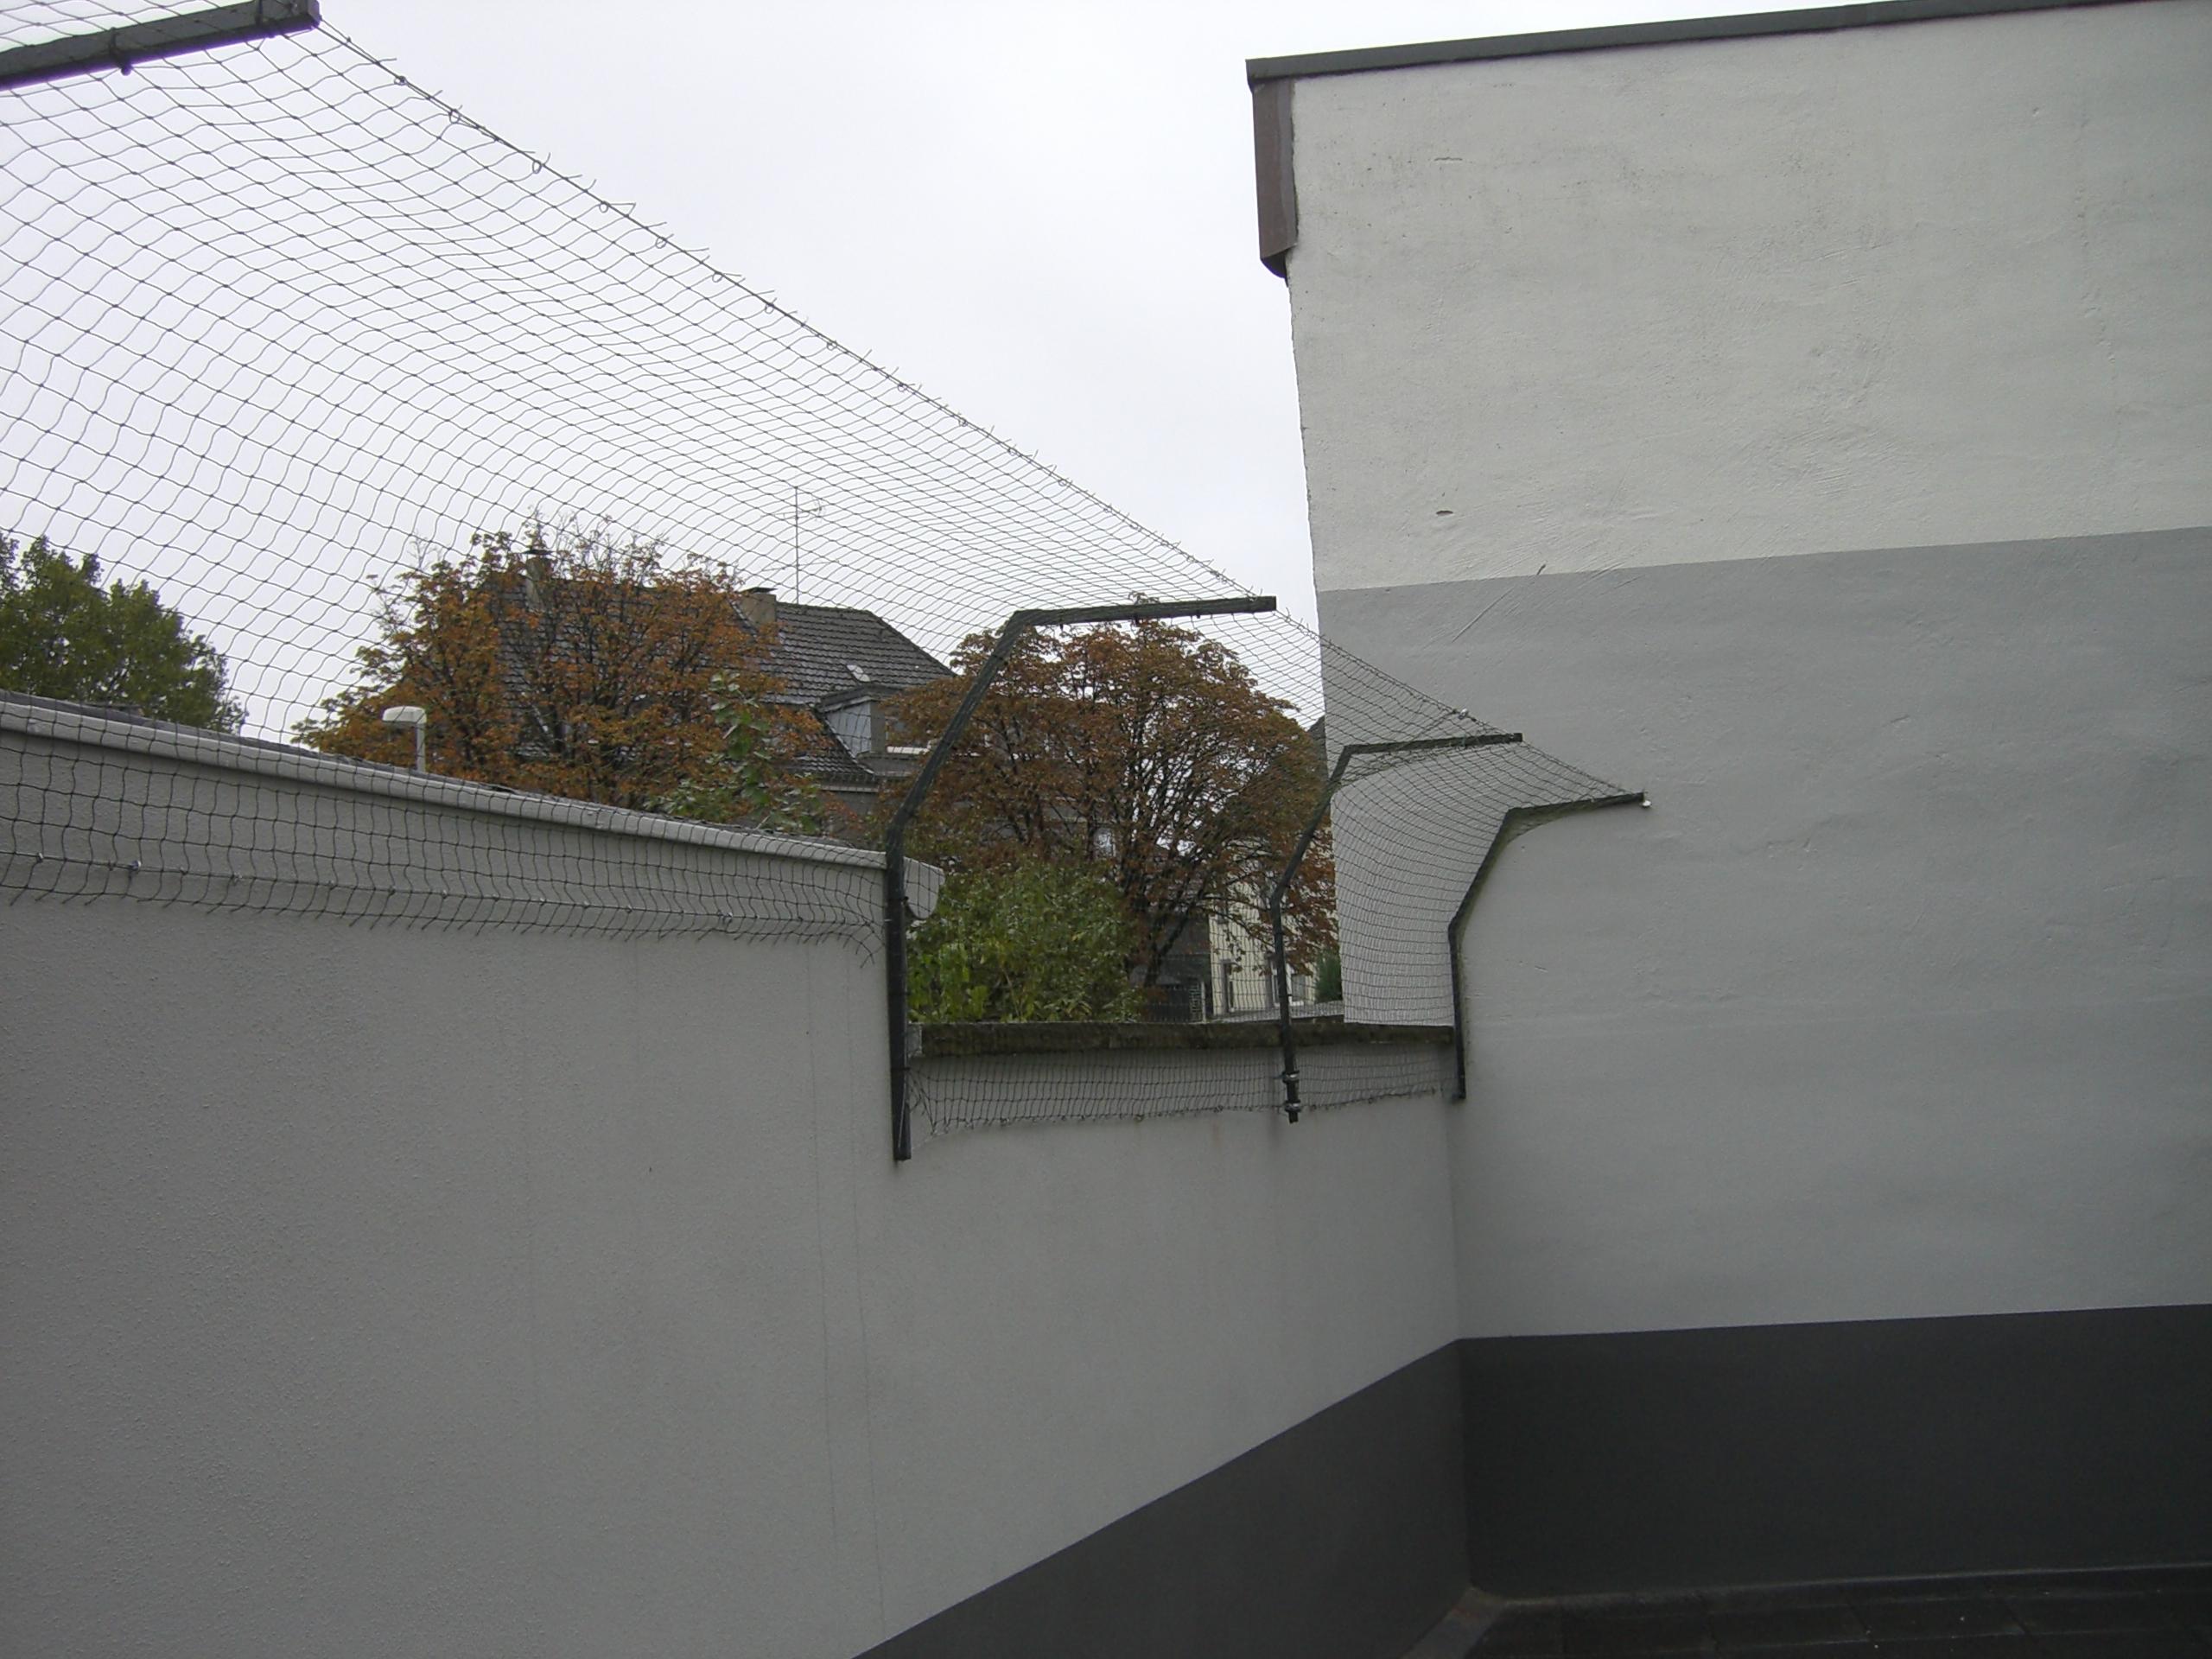 terrasse katzensicher machen wir wissen wie. Black Bedroom Furniture Sets. Home Design Ideas